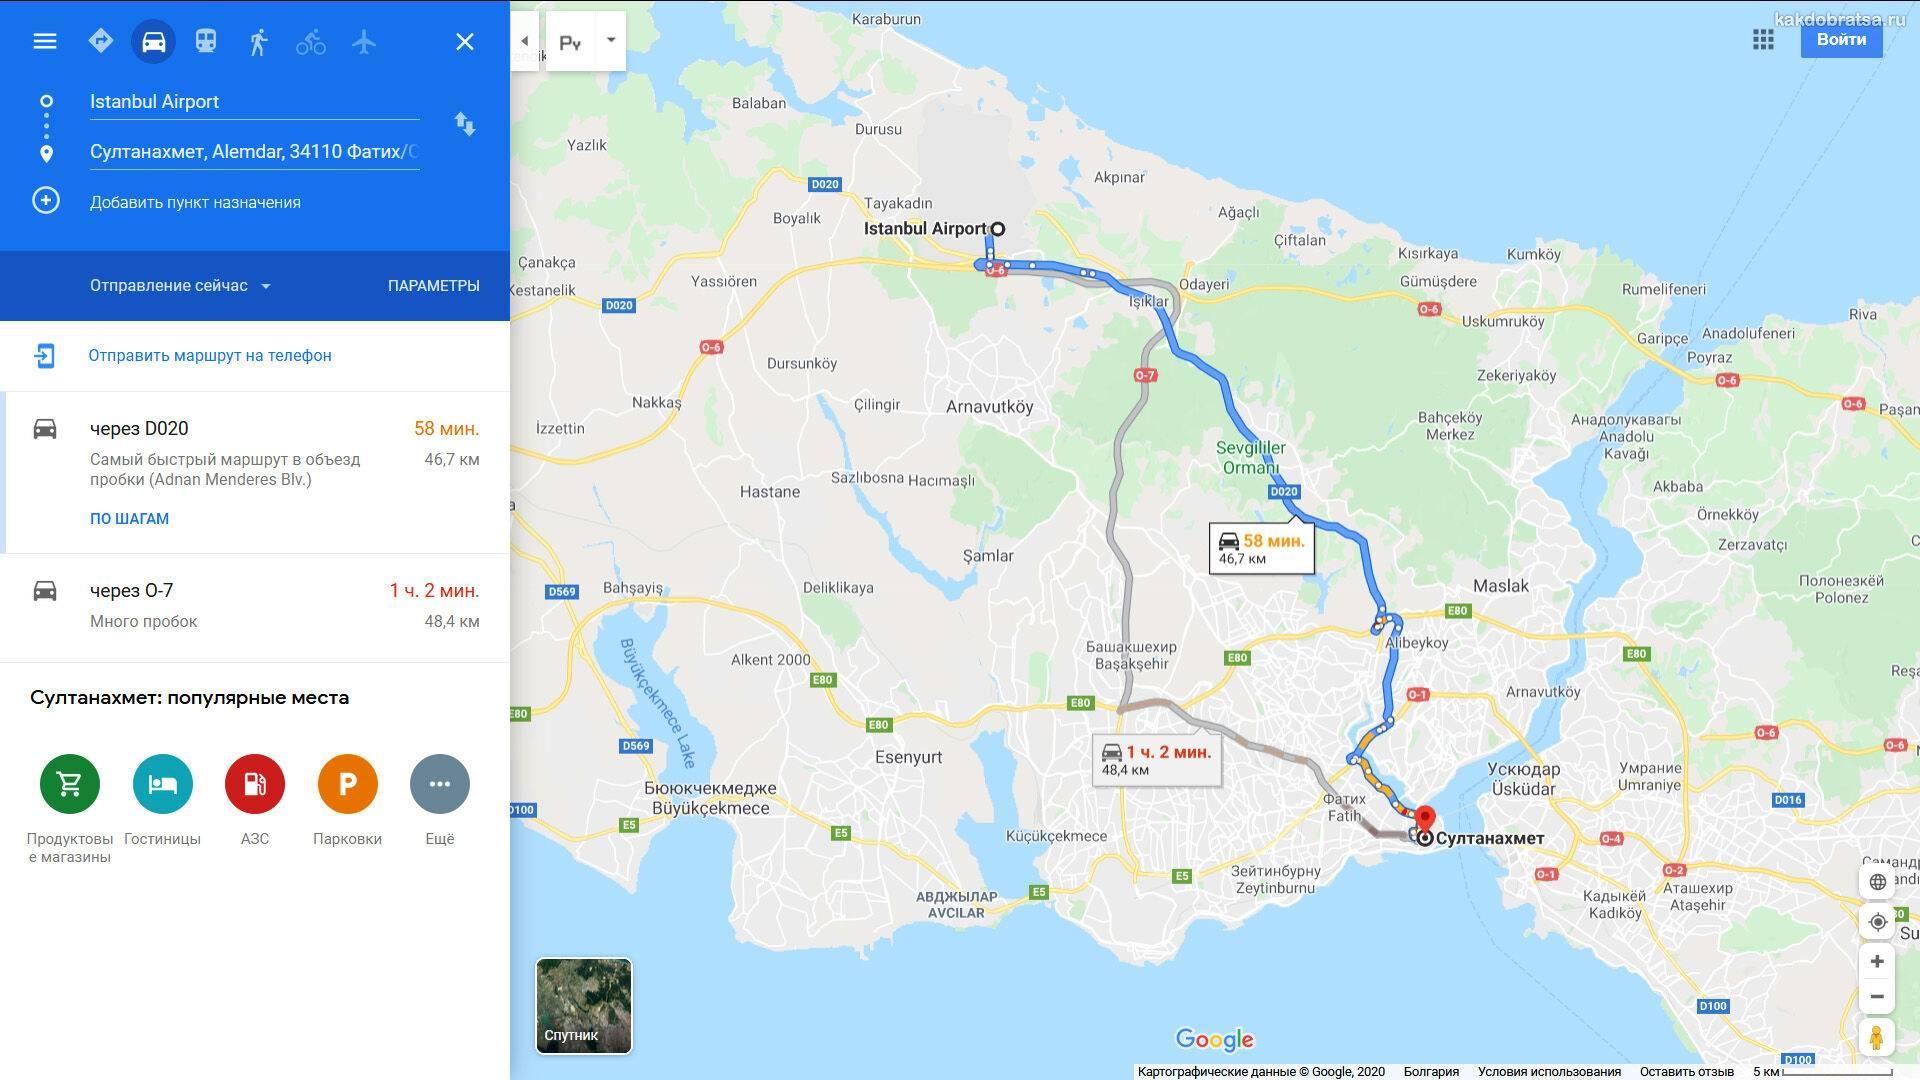 Аэропорт газипаша в алании, турция, как добраться из аэропорта до отеля в аланье - 2021